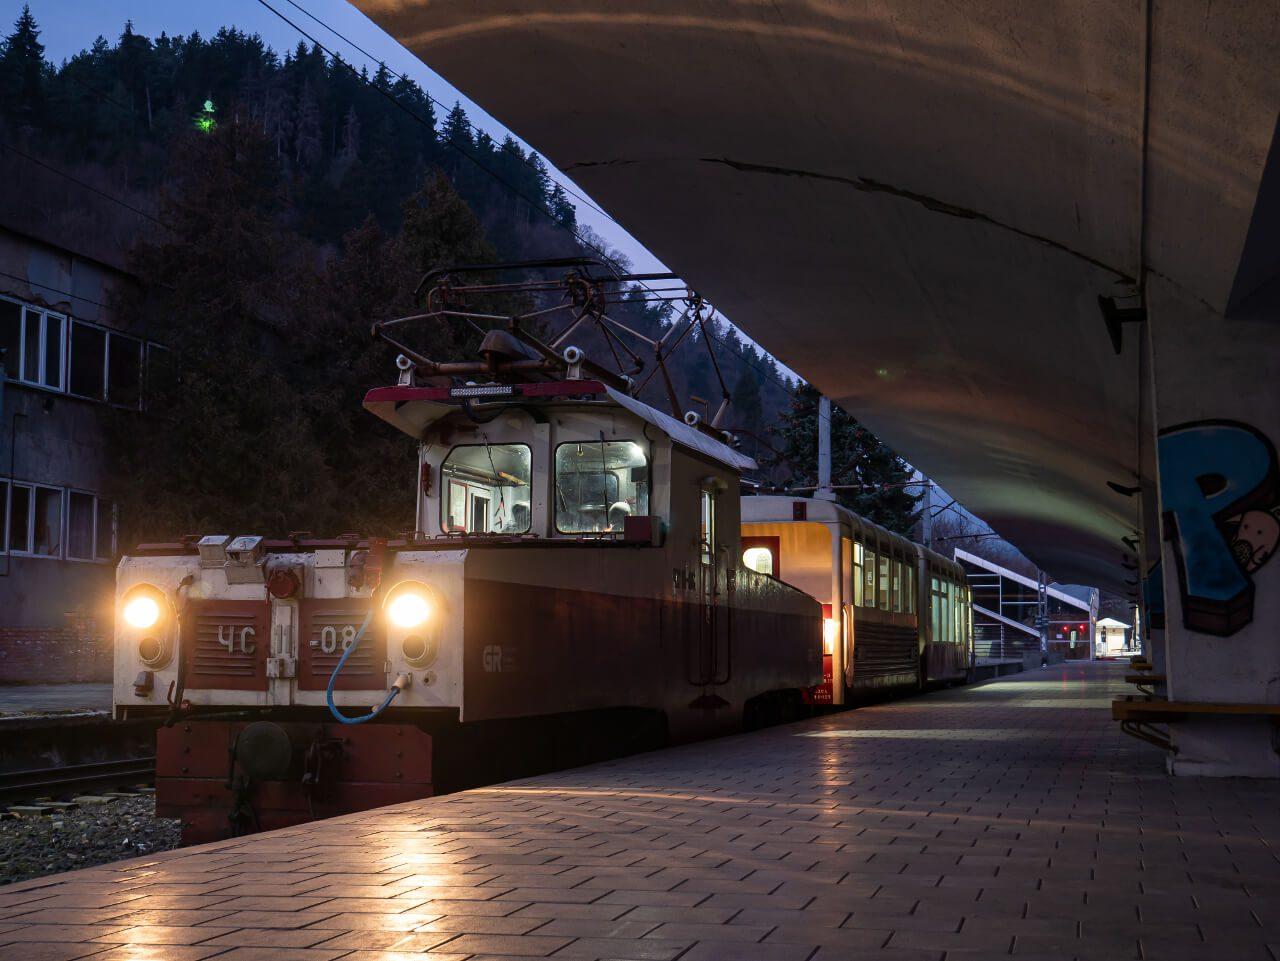 Skład pociągu z Borjomi do Bakuriani